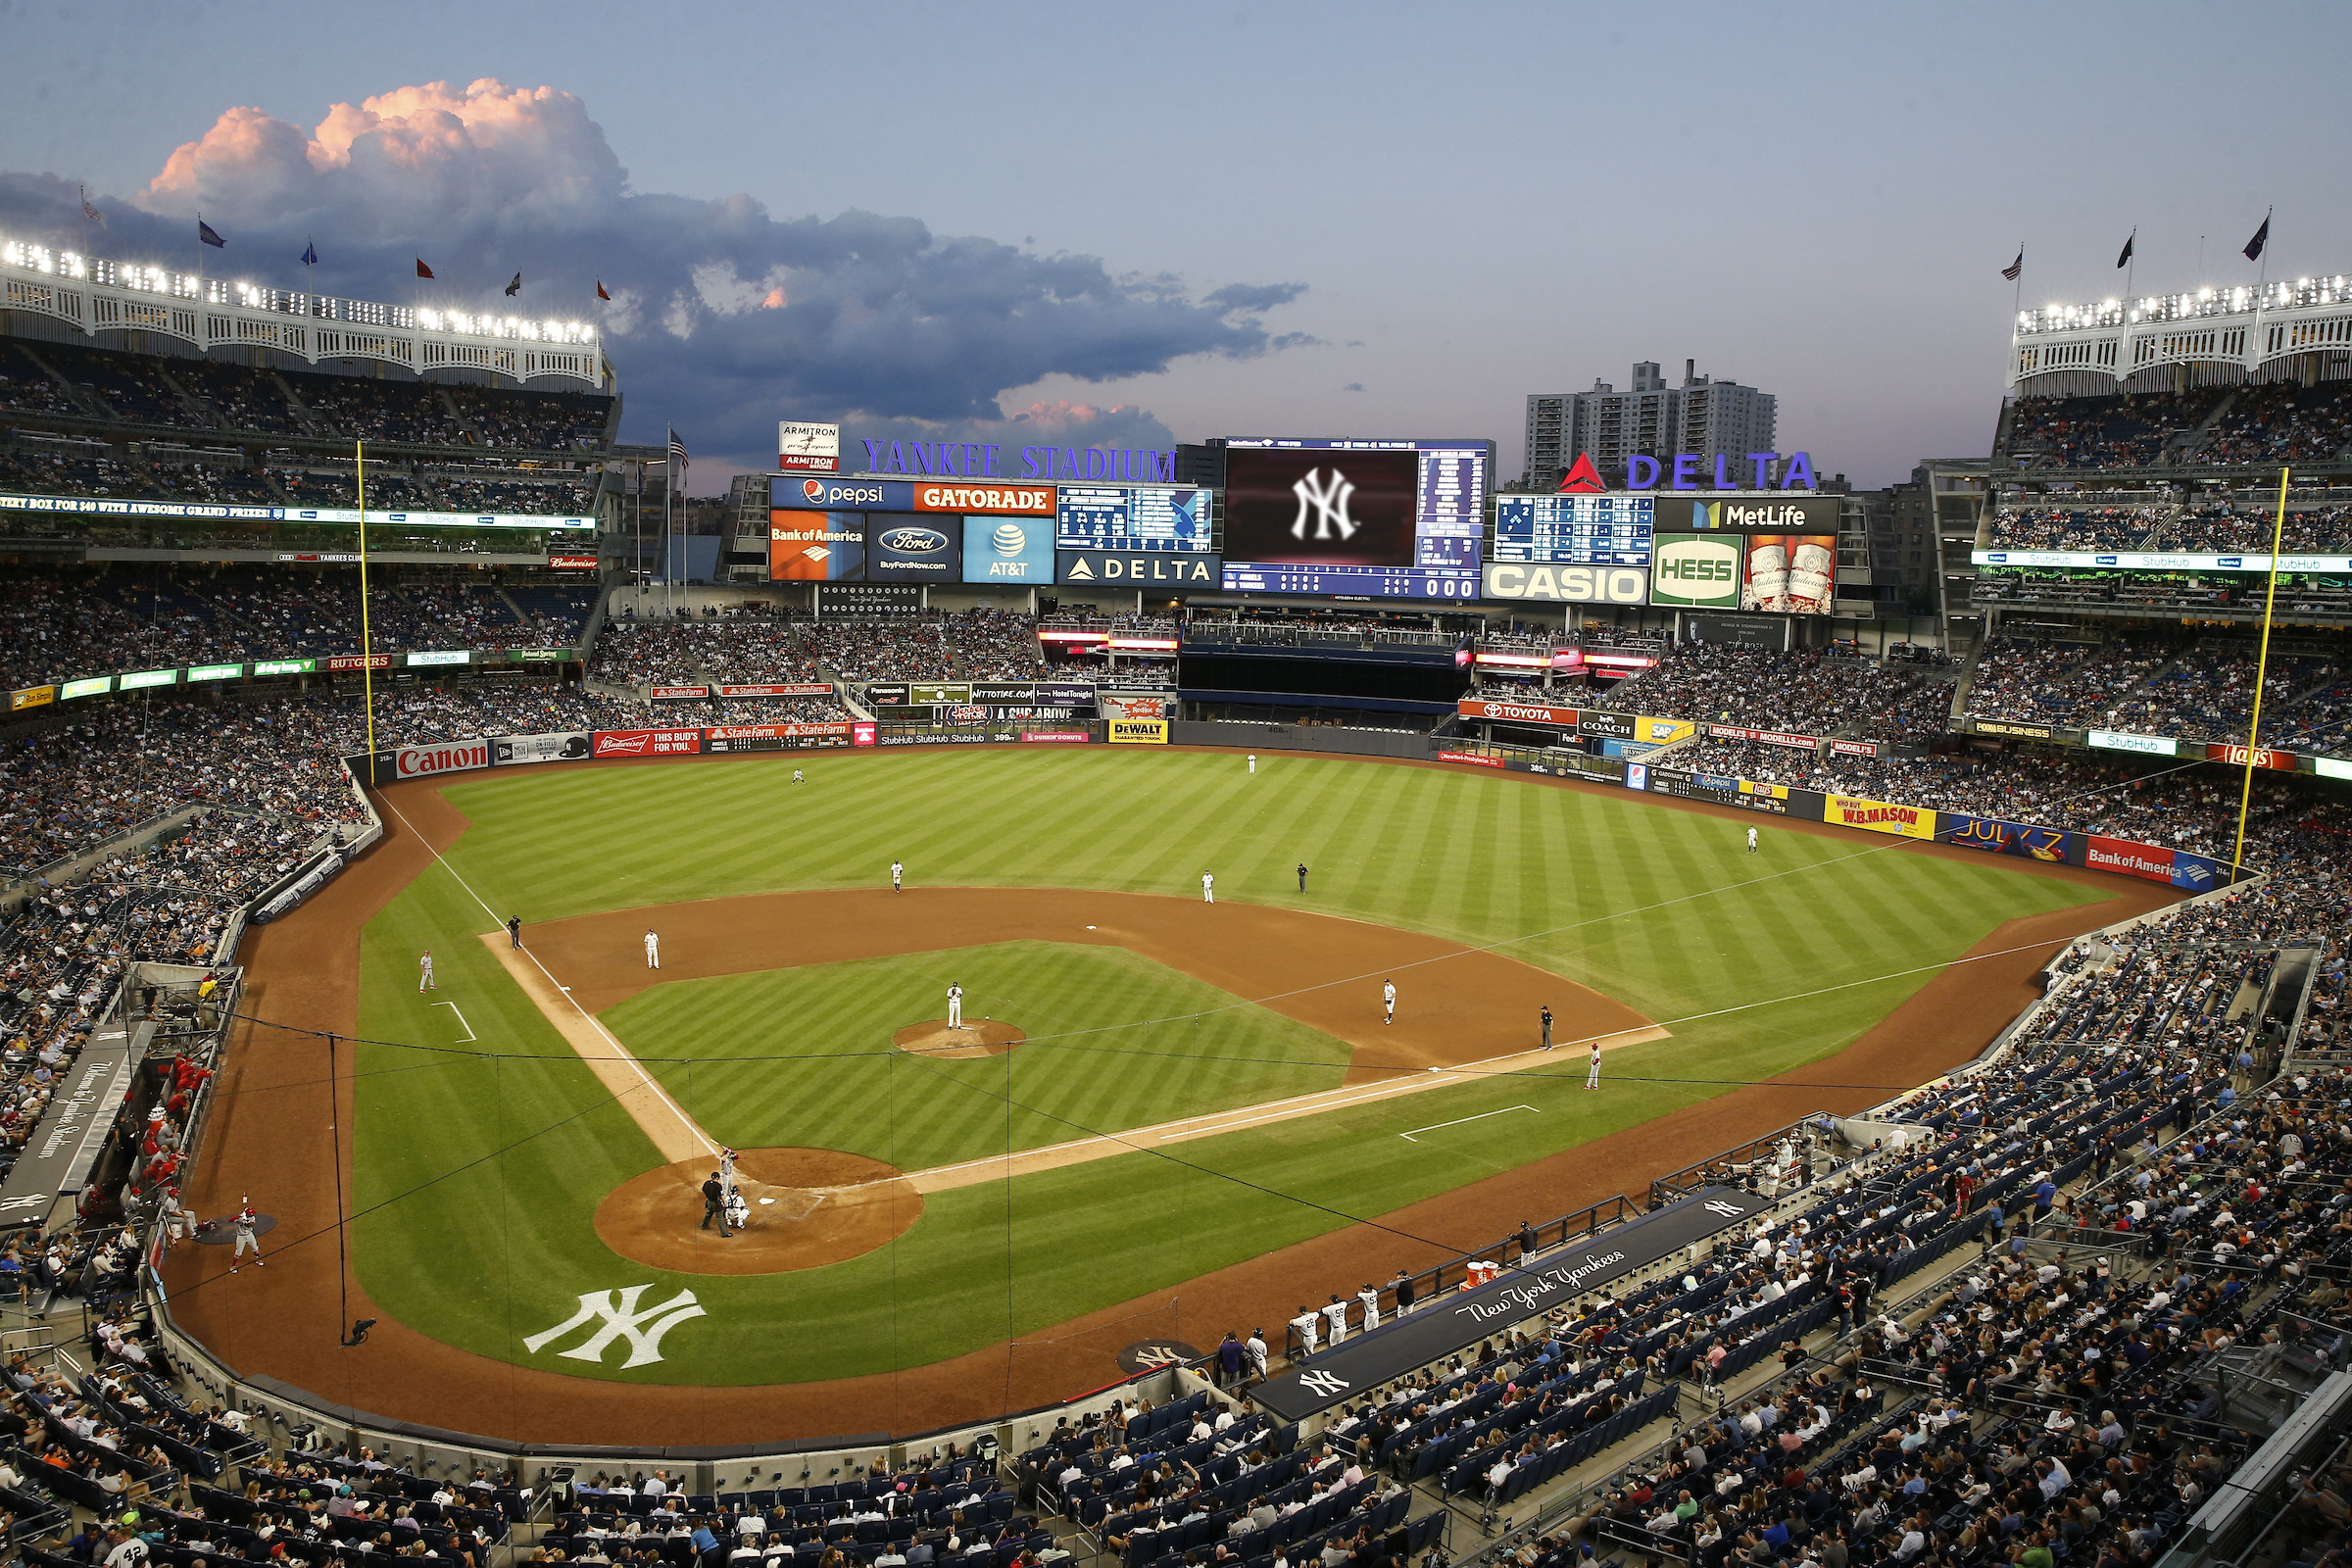 ニューヨーク野球観戦ツアー (ヤンキース戦:1階席 インフィールド 内野エリア)